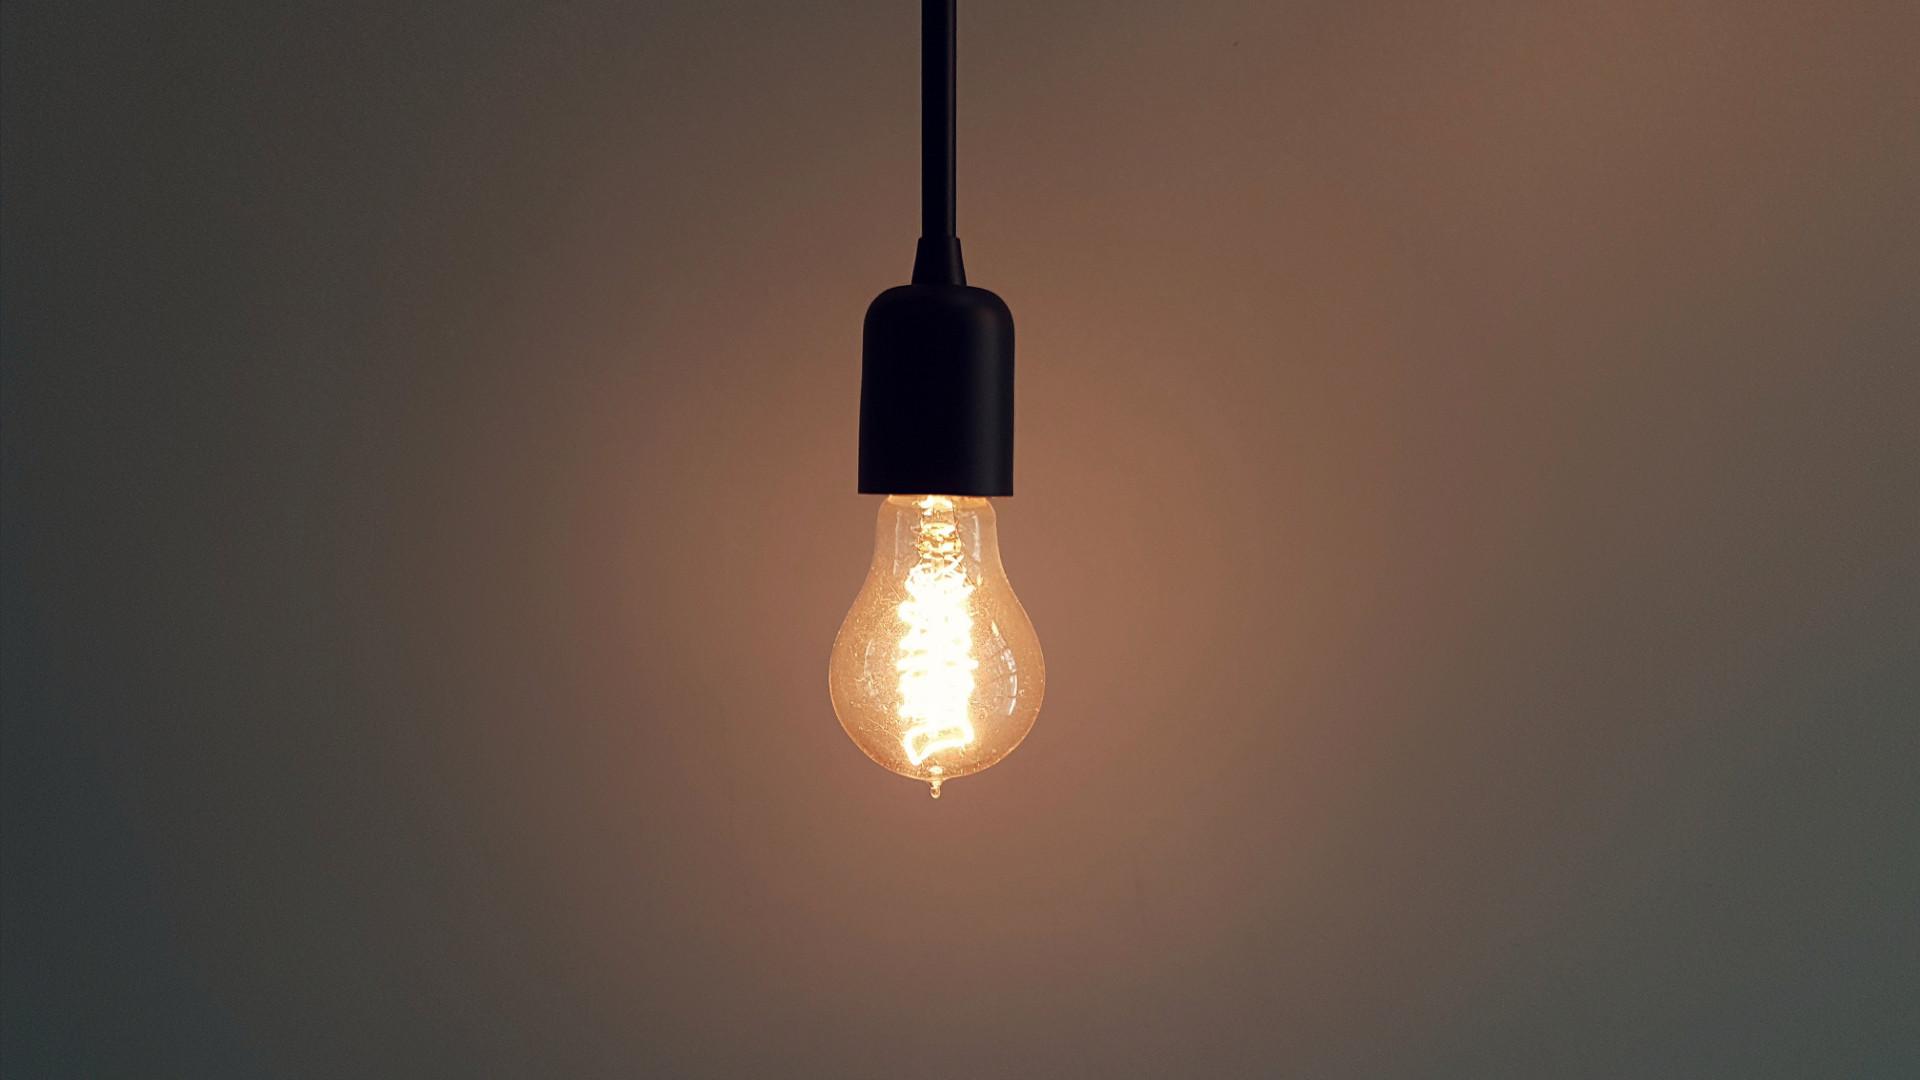 el-desconocimiento-del-cliente-sobre-la-tarifa-electrica-y-potencia-contratadas